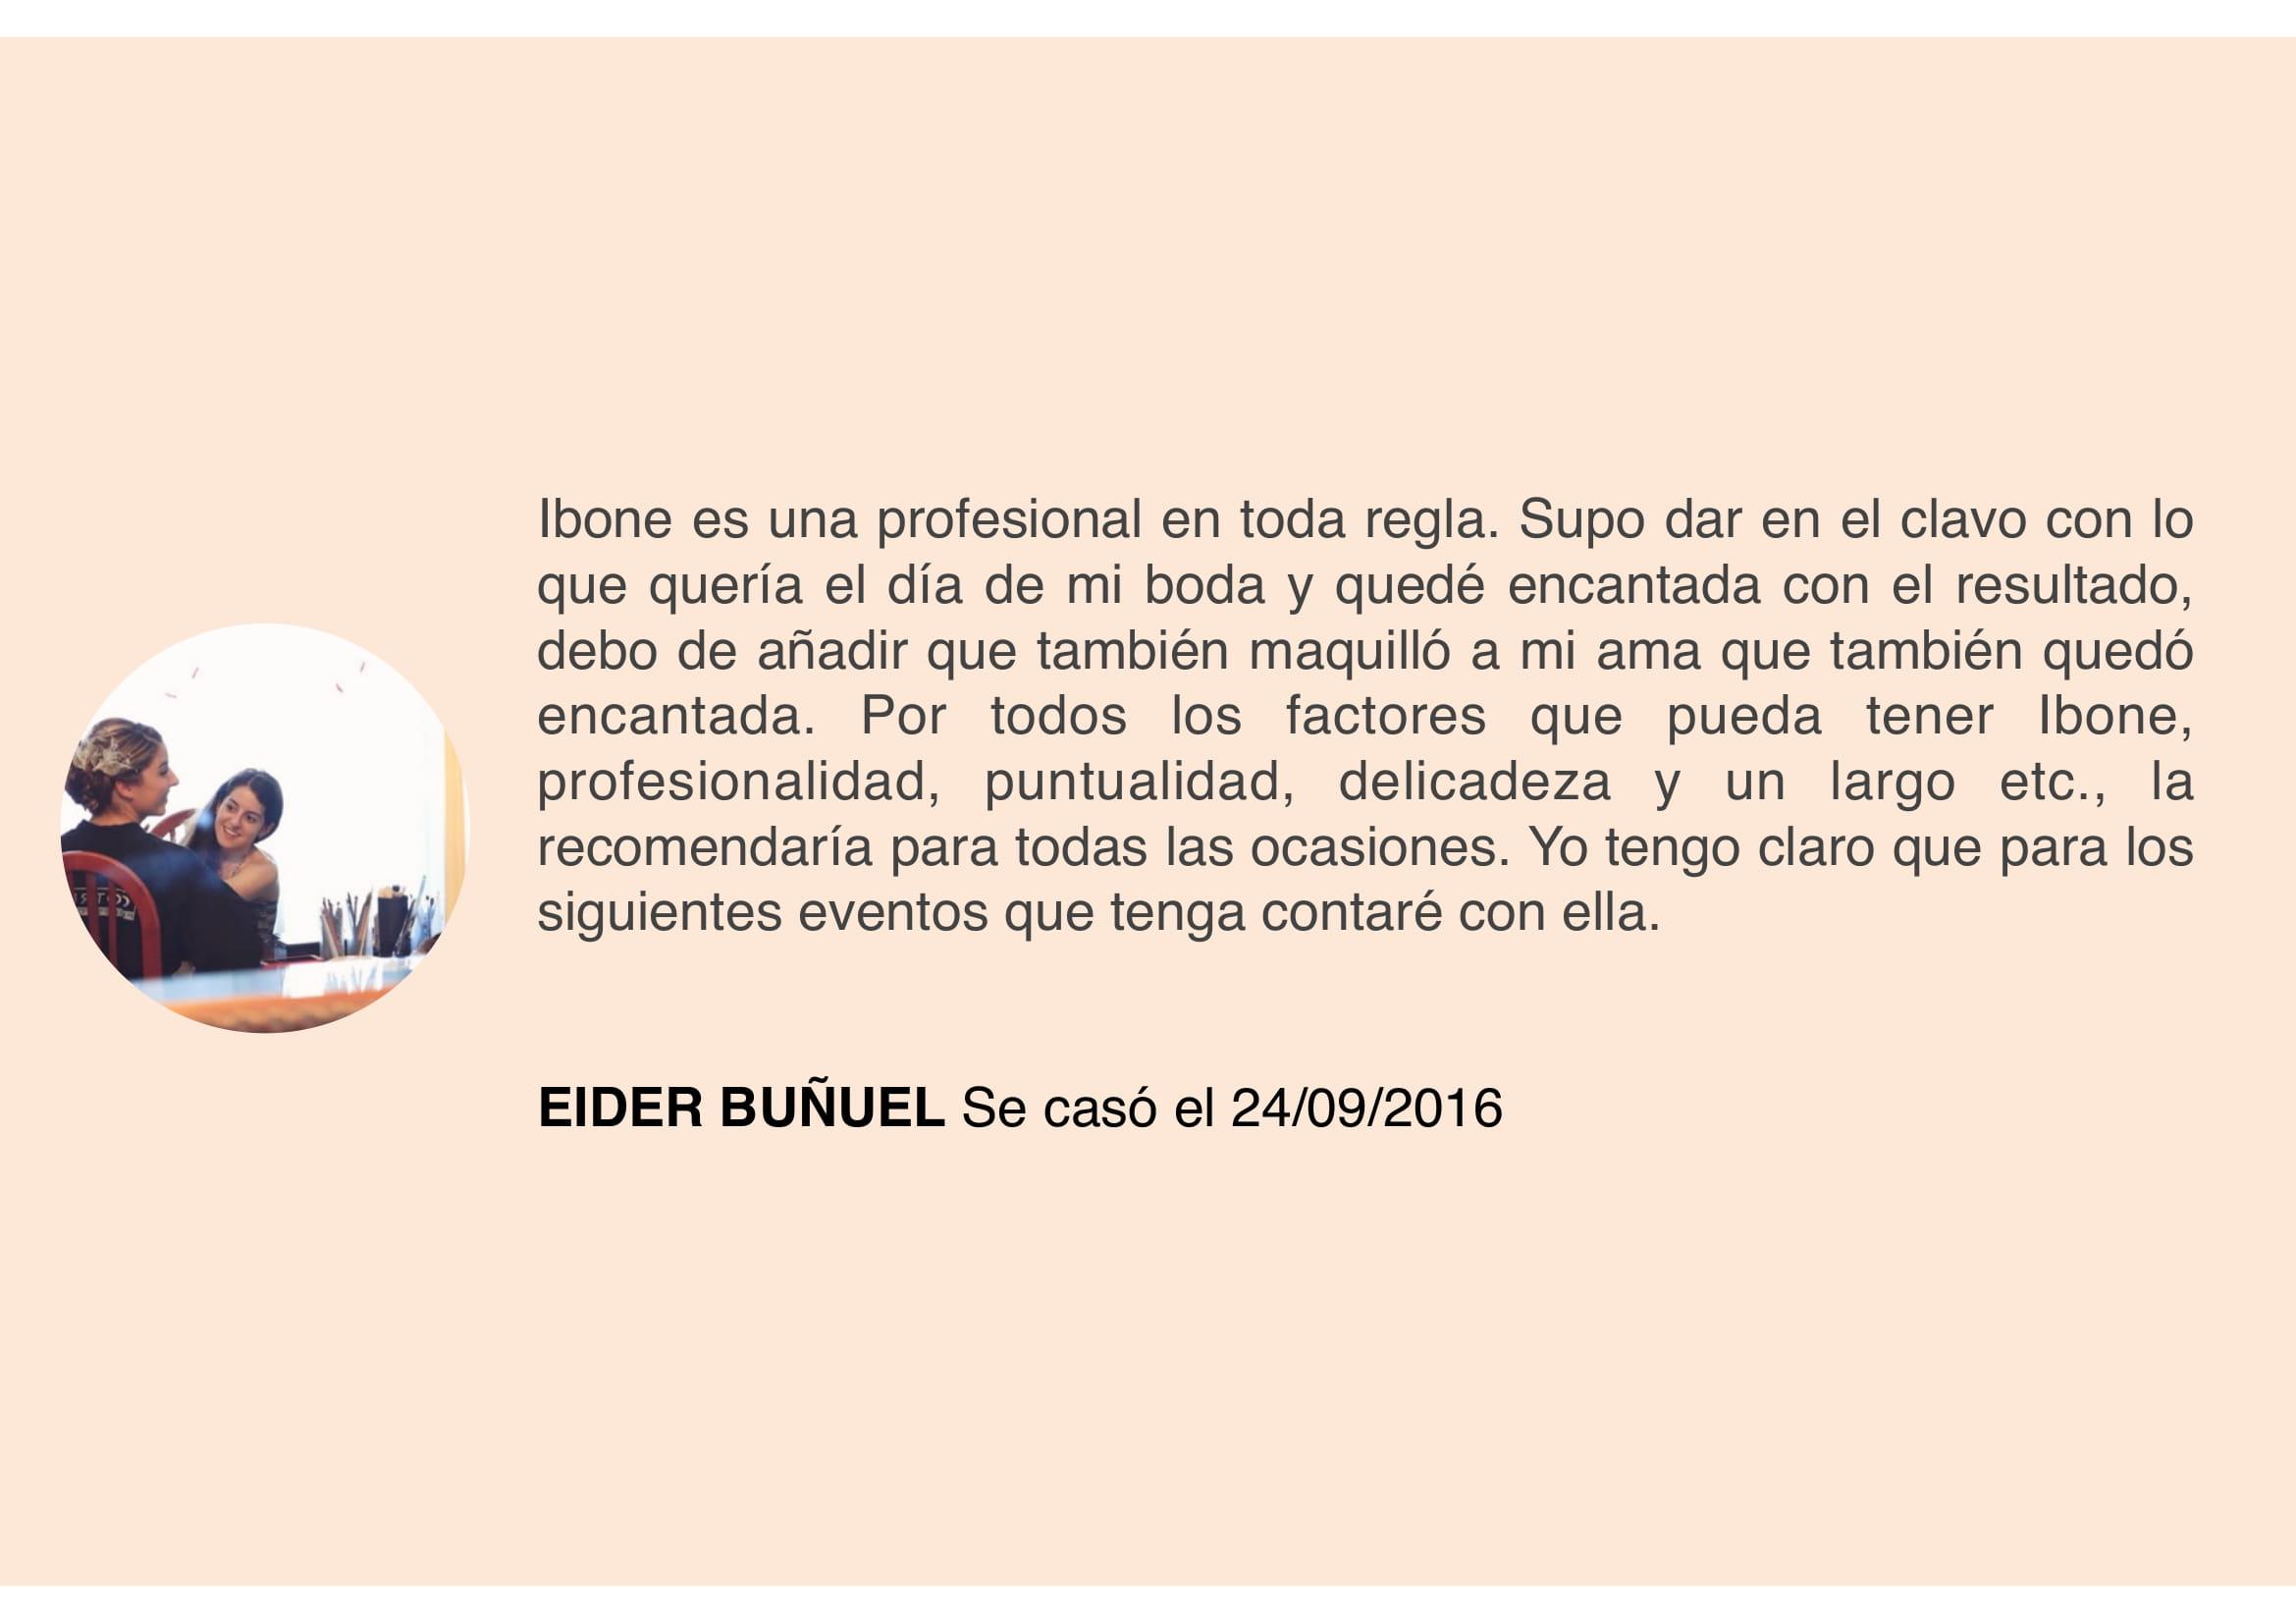 Recomendación Eider Buñuel PDF-1